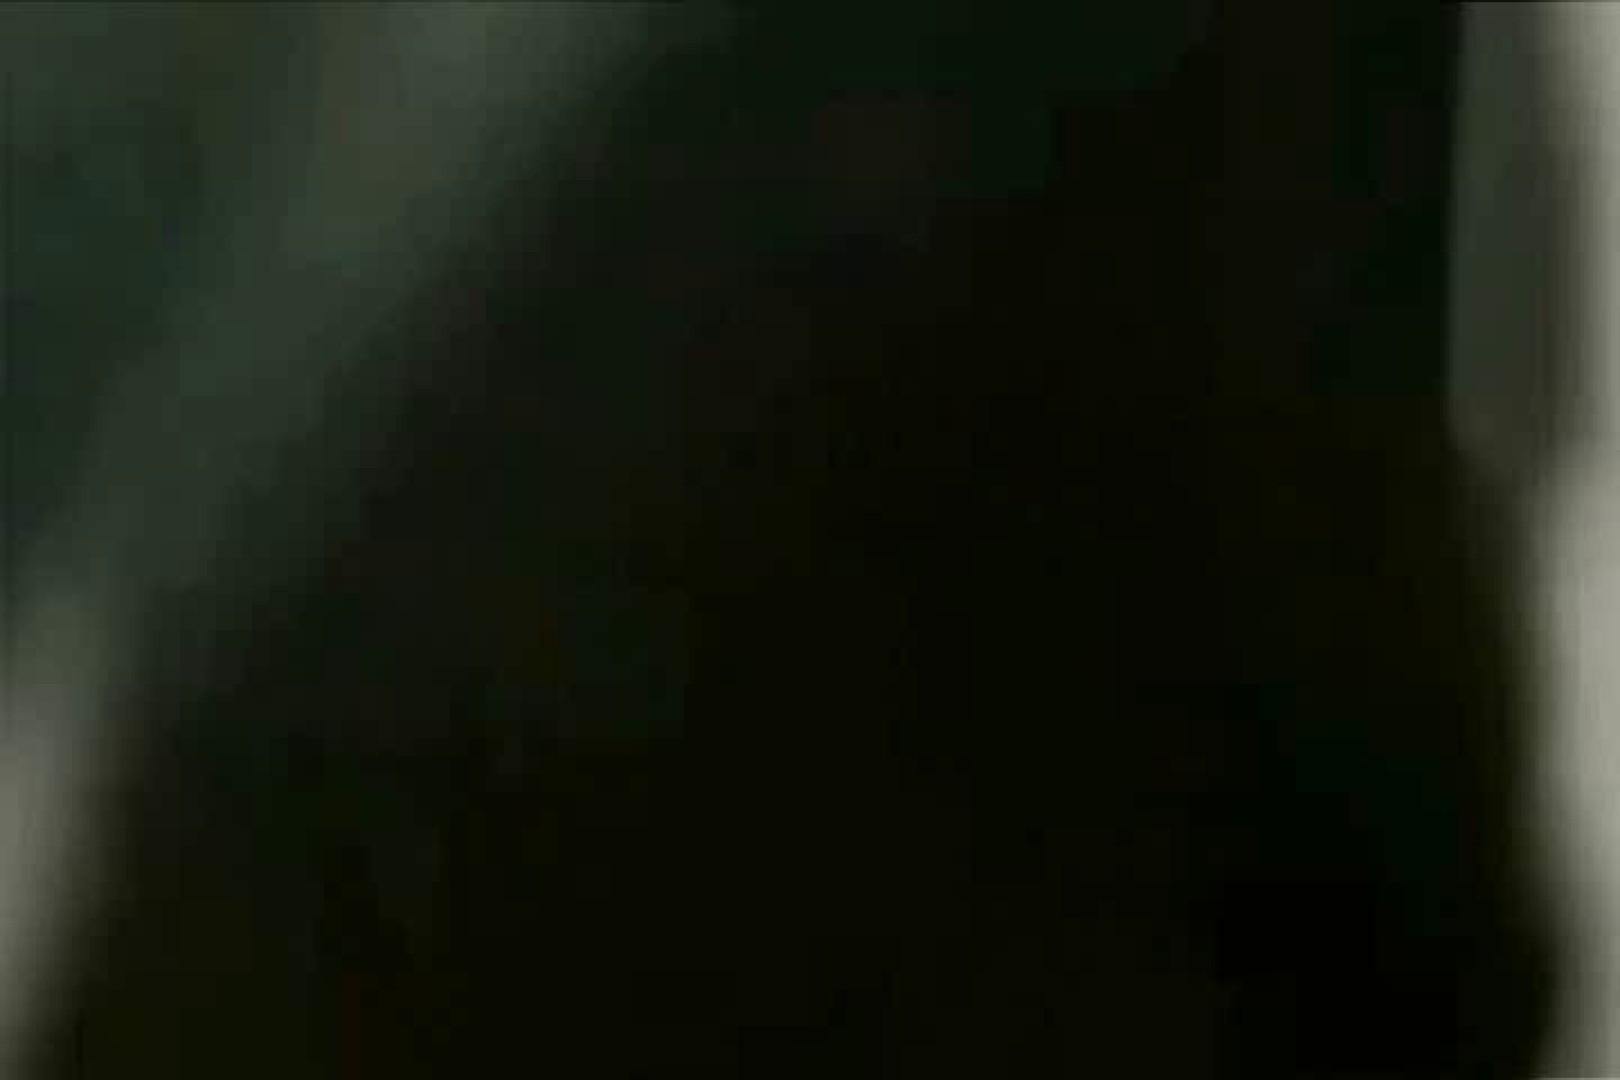 ぼっとん洗面所スペシャルVol.10 美女OL オマンコ動画キャプチャ 107連発 66